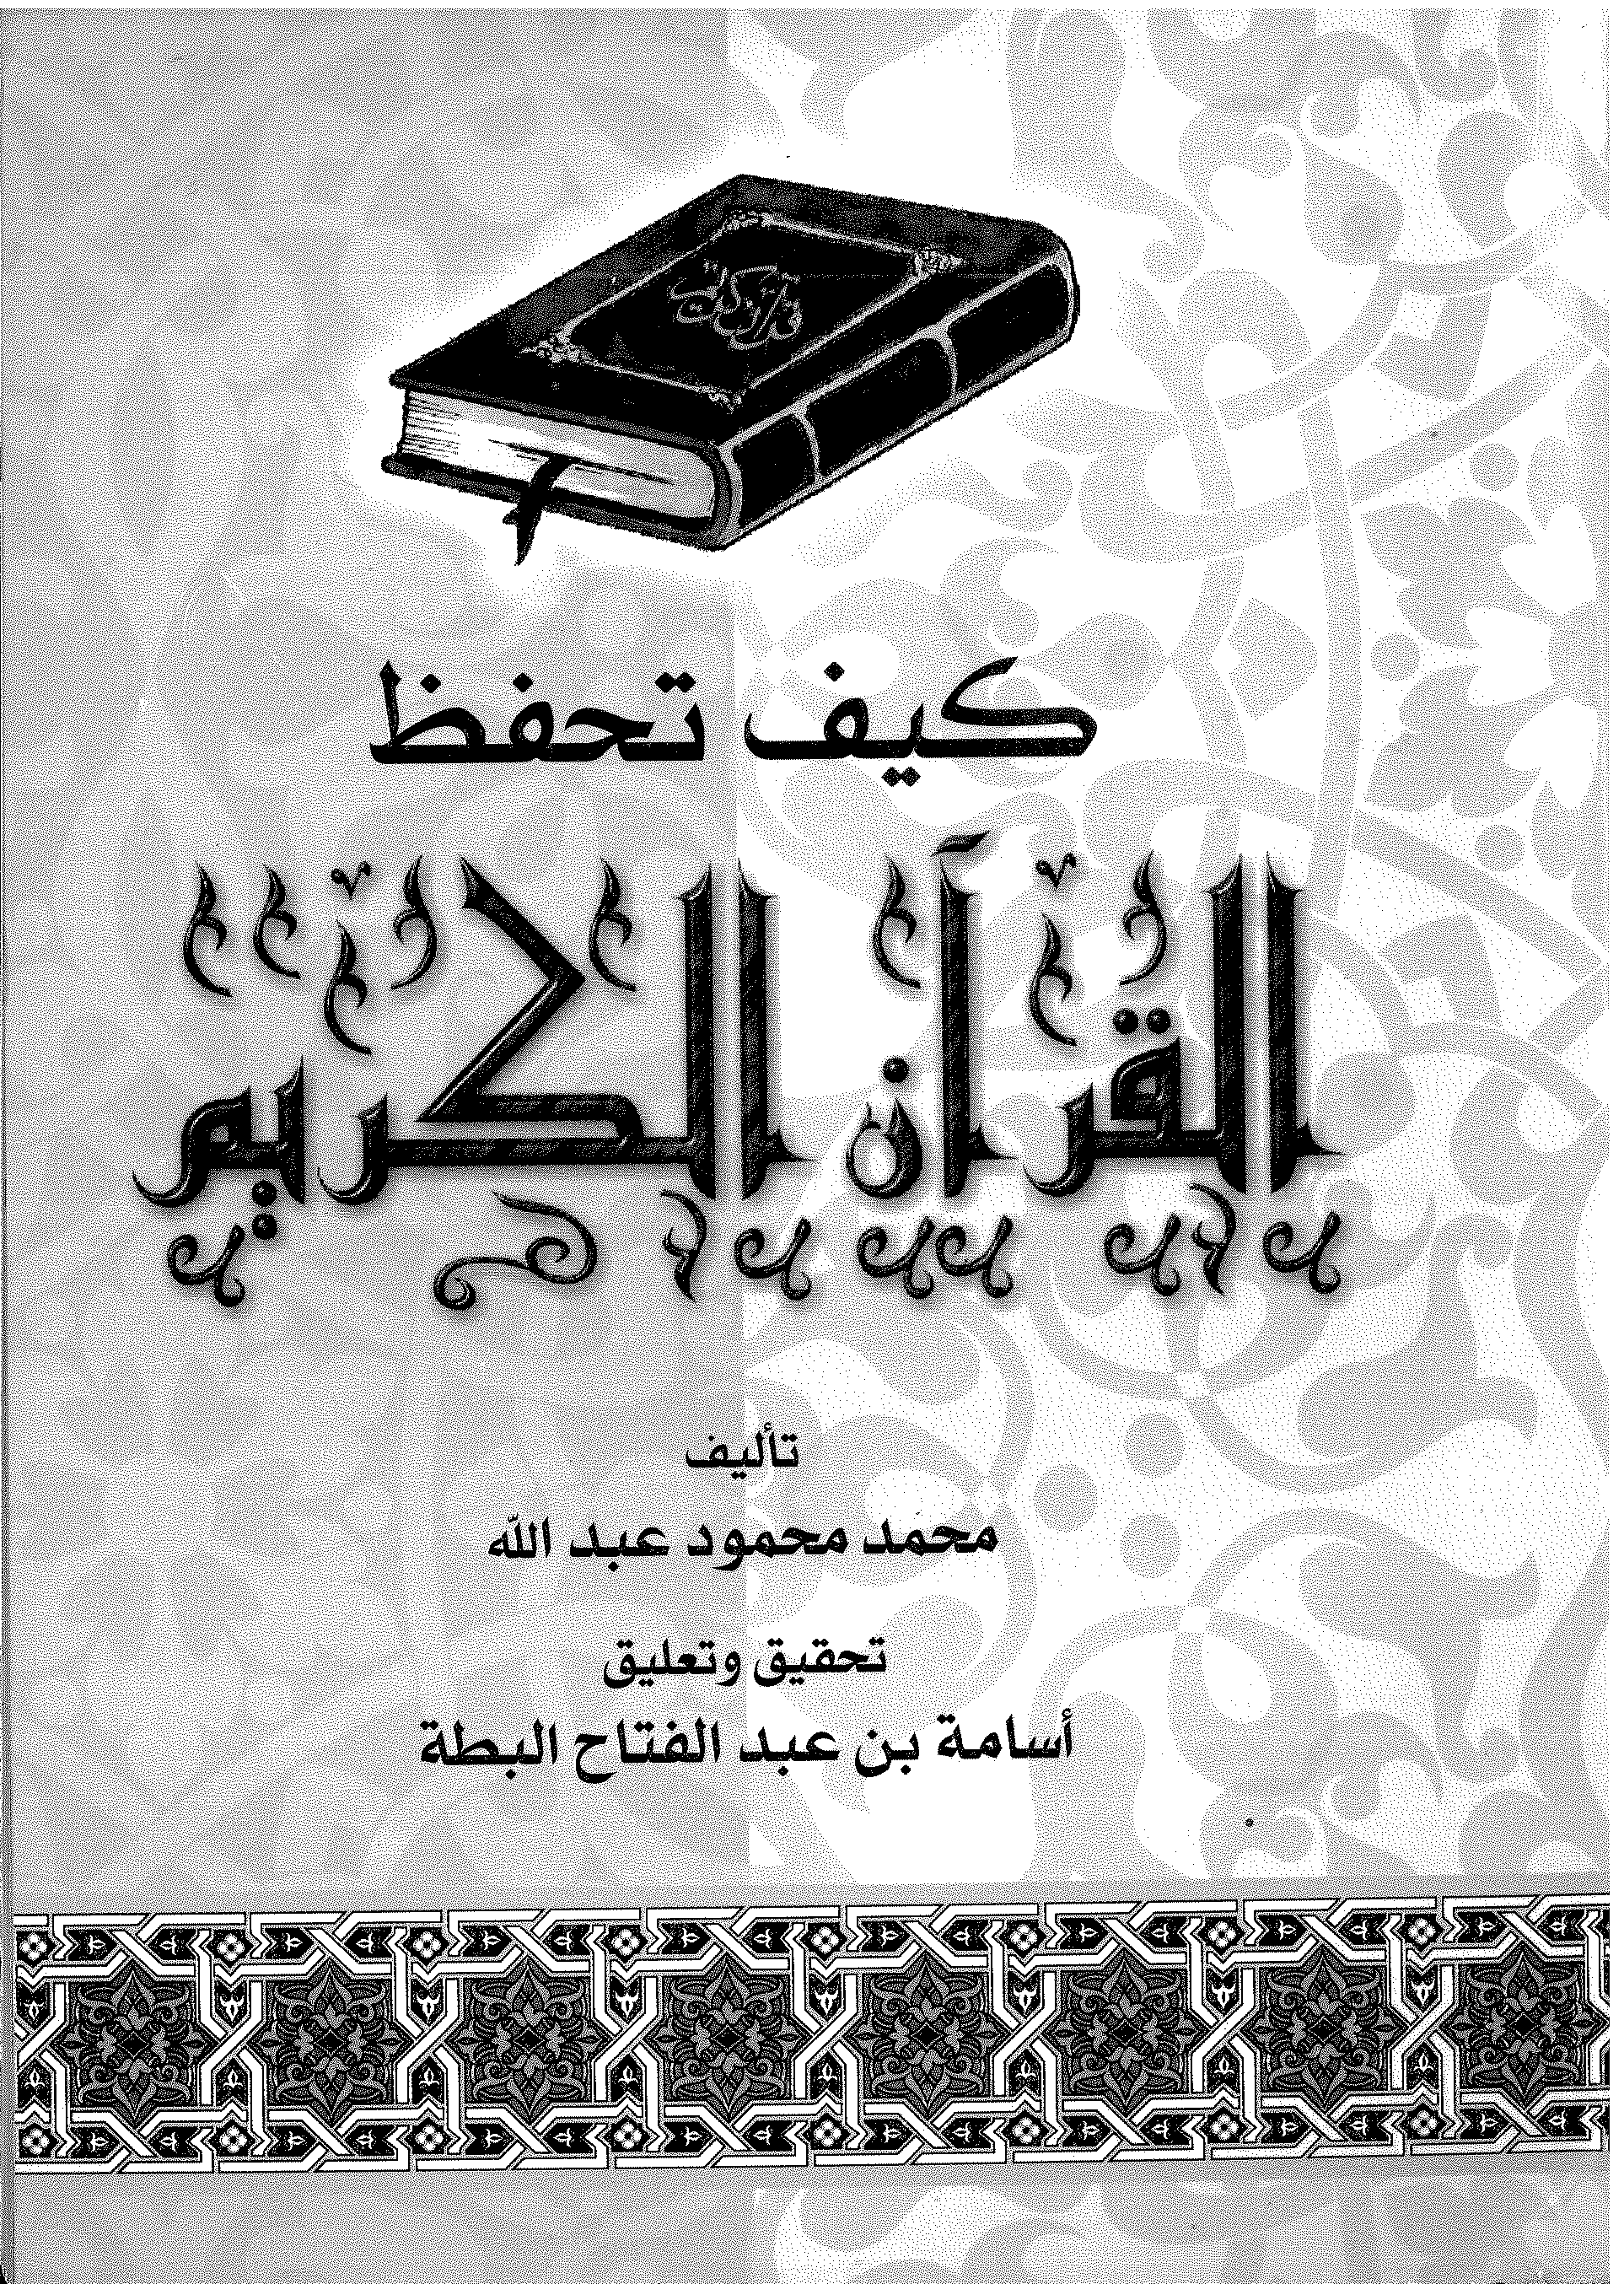 تحميل كتاب كيف تحفظ القرآن الكريم؟ لـِ: محمد محمود عبد الله